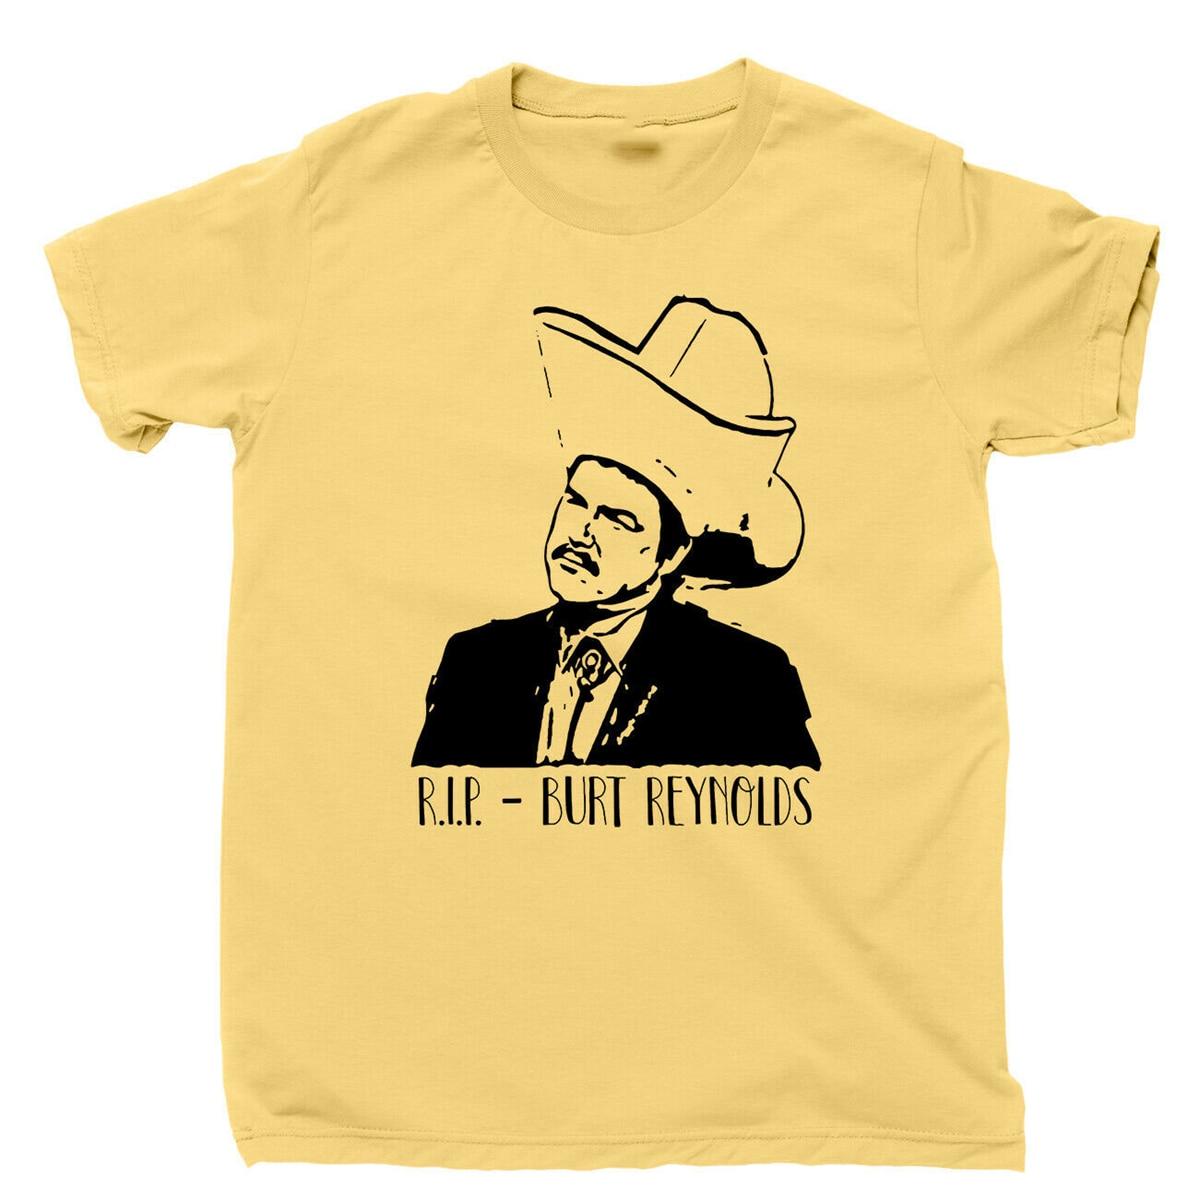 Burt Reynolds T Shirt Norm Macdonald Will Ferrell Snl Skit Movie Dvd Blu Ray Tee Shirt Casual Plus Size T Shirts Aliexpress